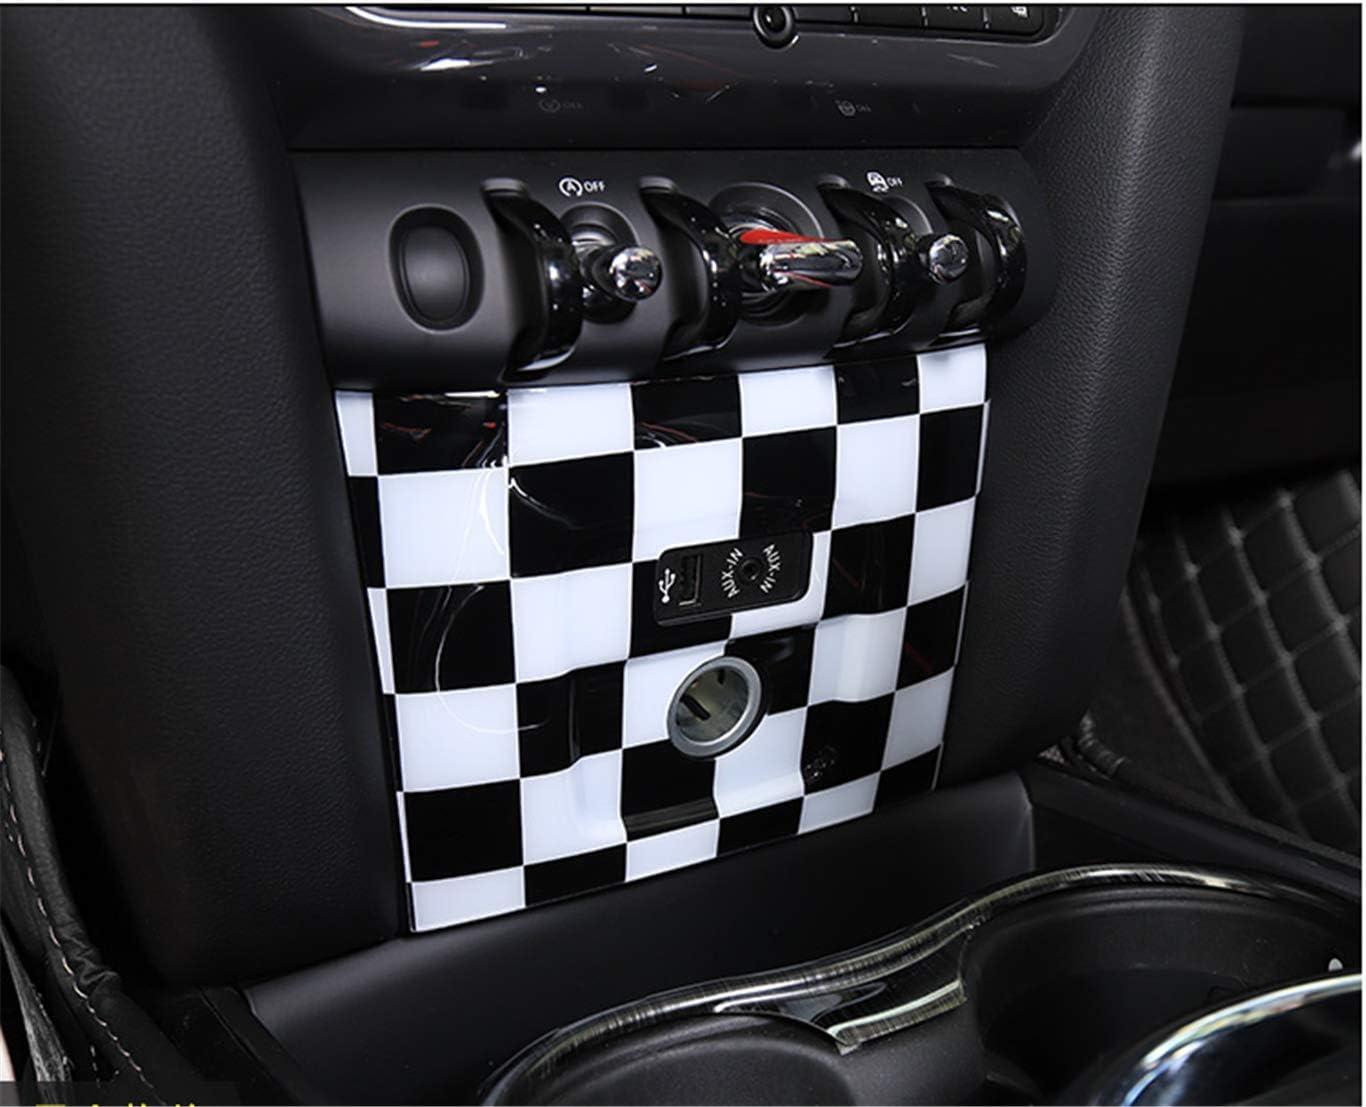 Guida a Sinistra HDX Adesivo Nero e Bianco a Scacchi in ABS per Mini Cooper One S JCW F Series F60 Countryman 2017